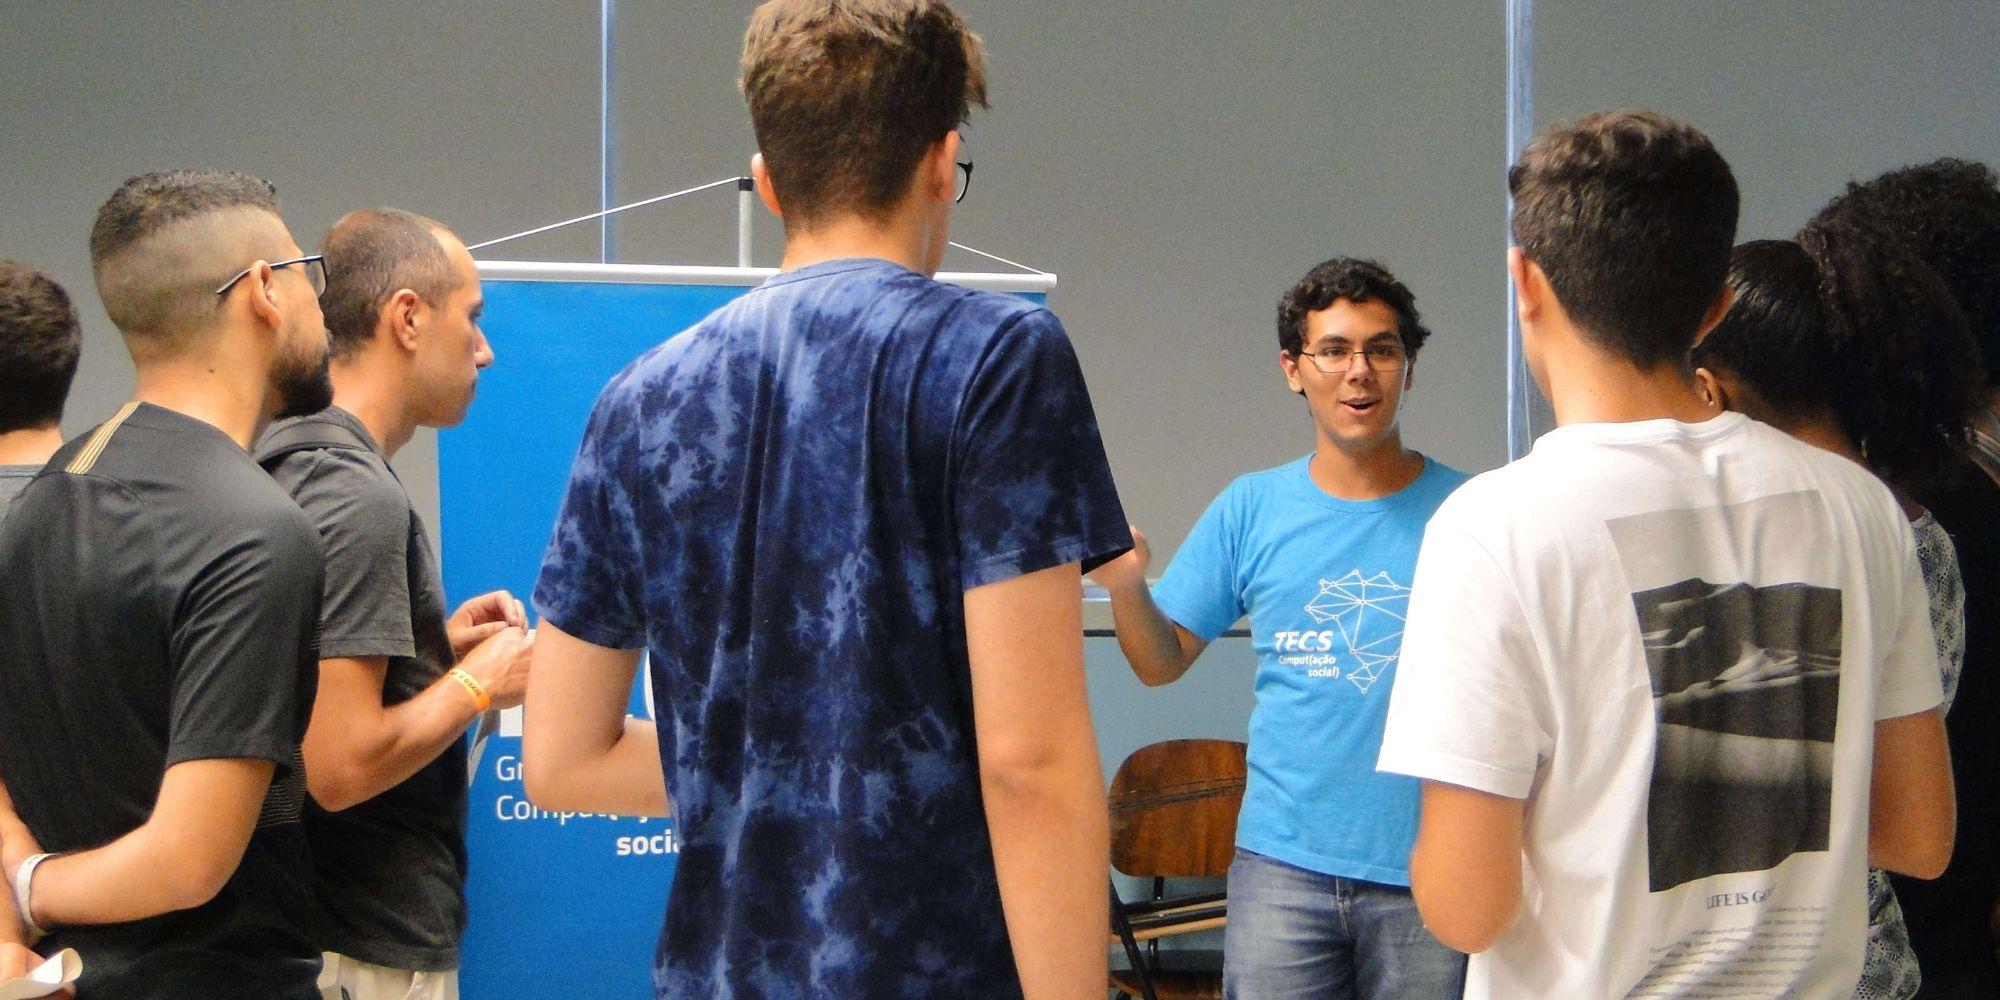 6 pessoas reunidas em volta de um integrante do Tecs (com a camiseta do grupo) apresentando o grupo em um evento de recepção de bixes em uma sala do IME-USP.